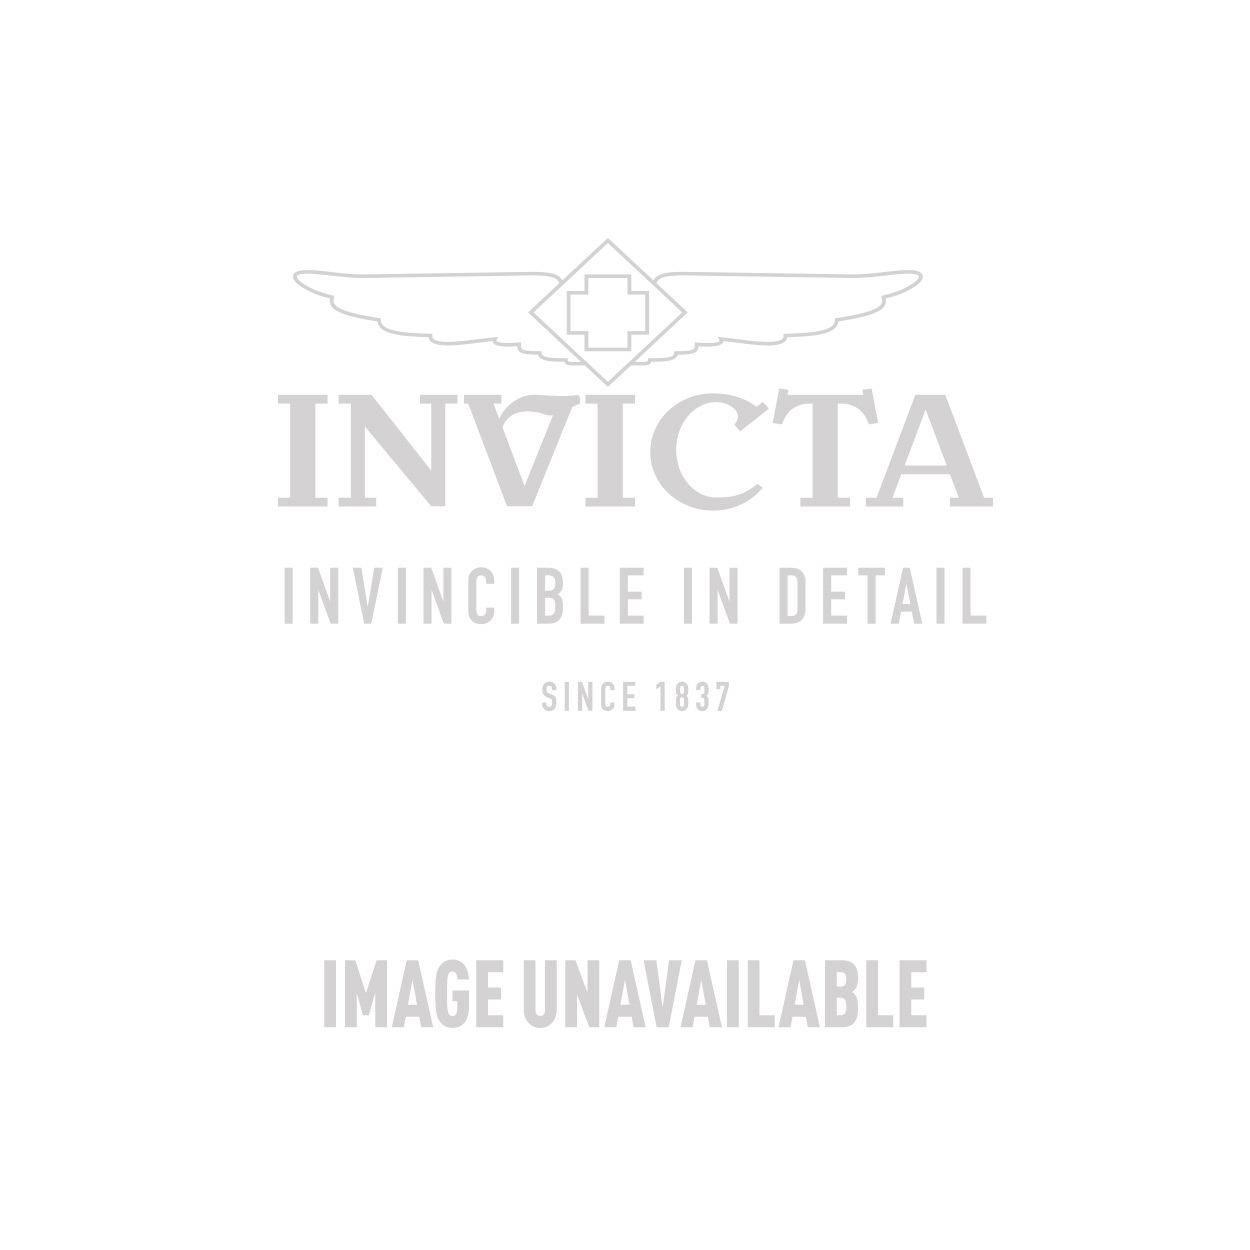 Invicta Model 28328